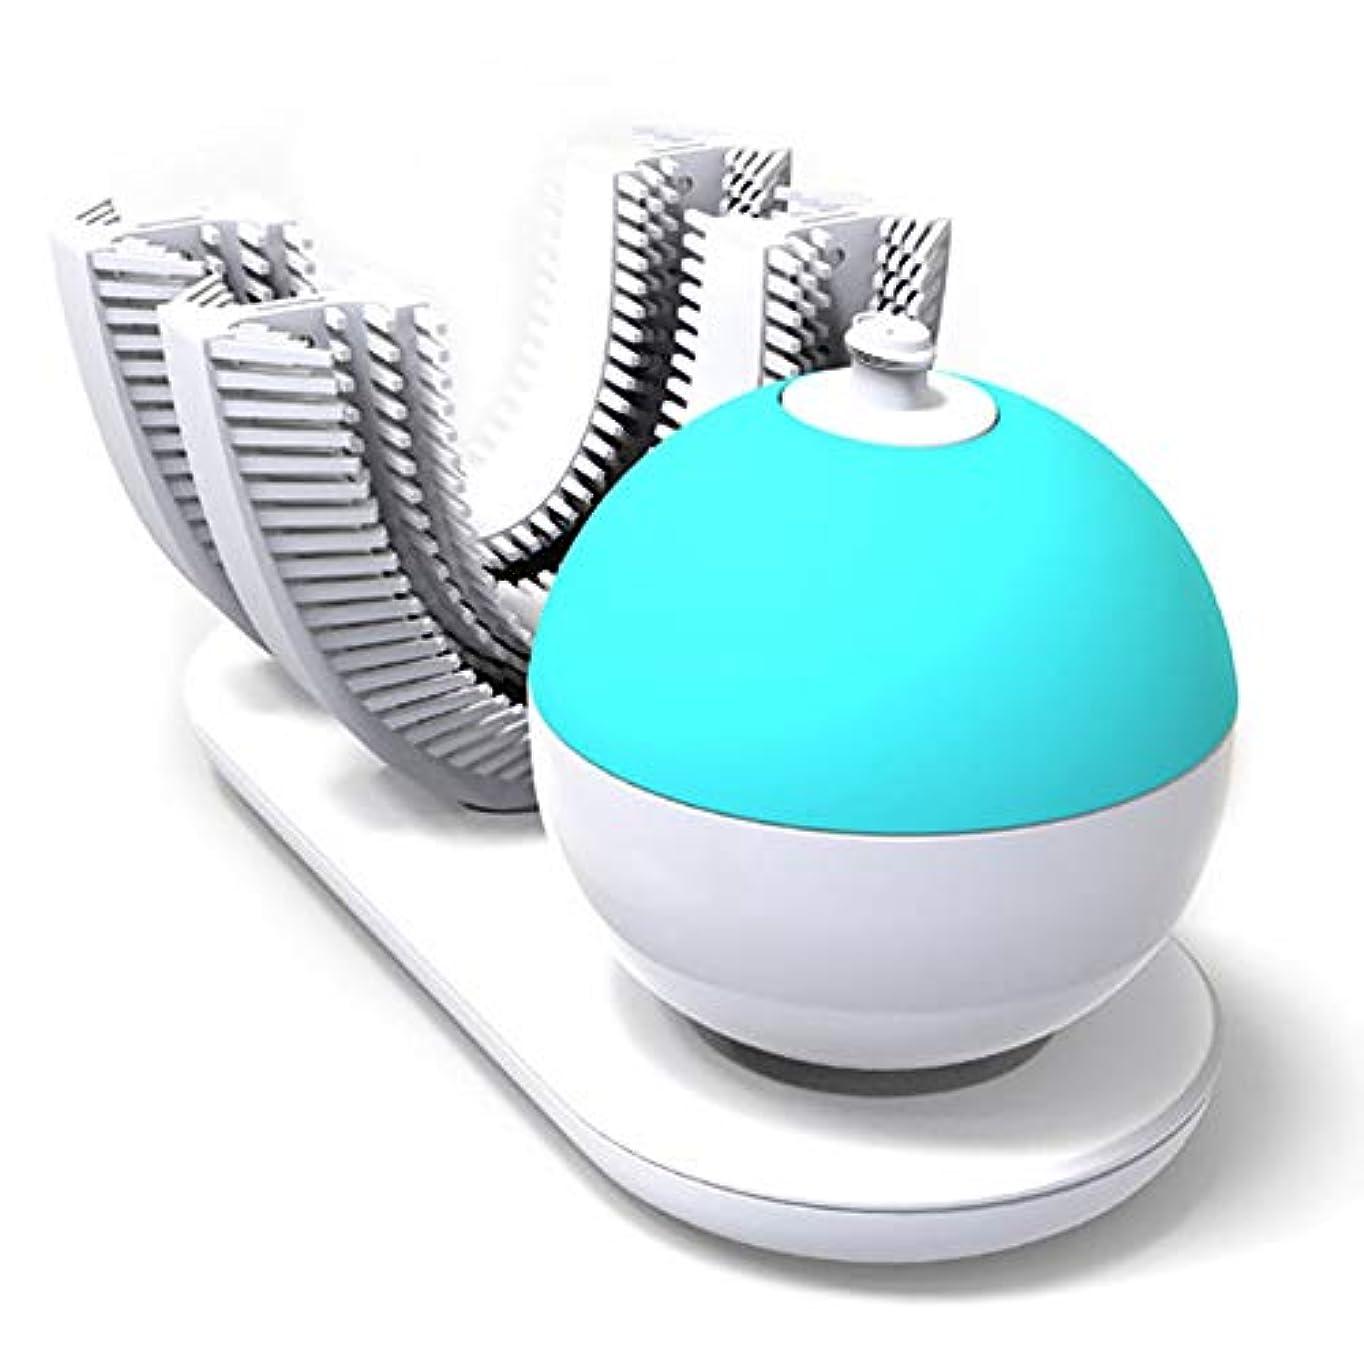 ずるい飼い慣らす懸念フルオートマチック可変周波数電動歯ブラシ、自動360度U字型電動歯ブラシ、ワイヤレス充電IPX7防水自動歯ブラシ(大人用)